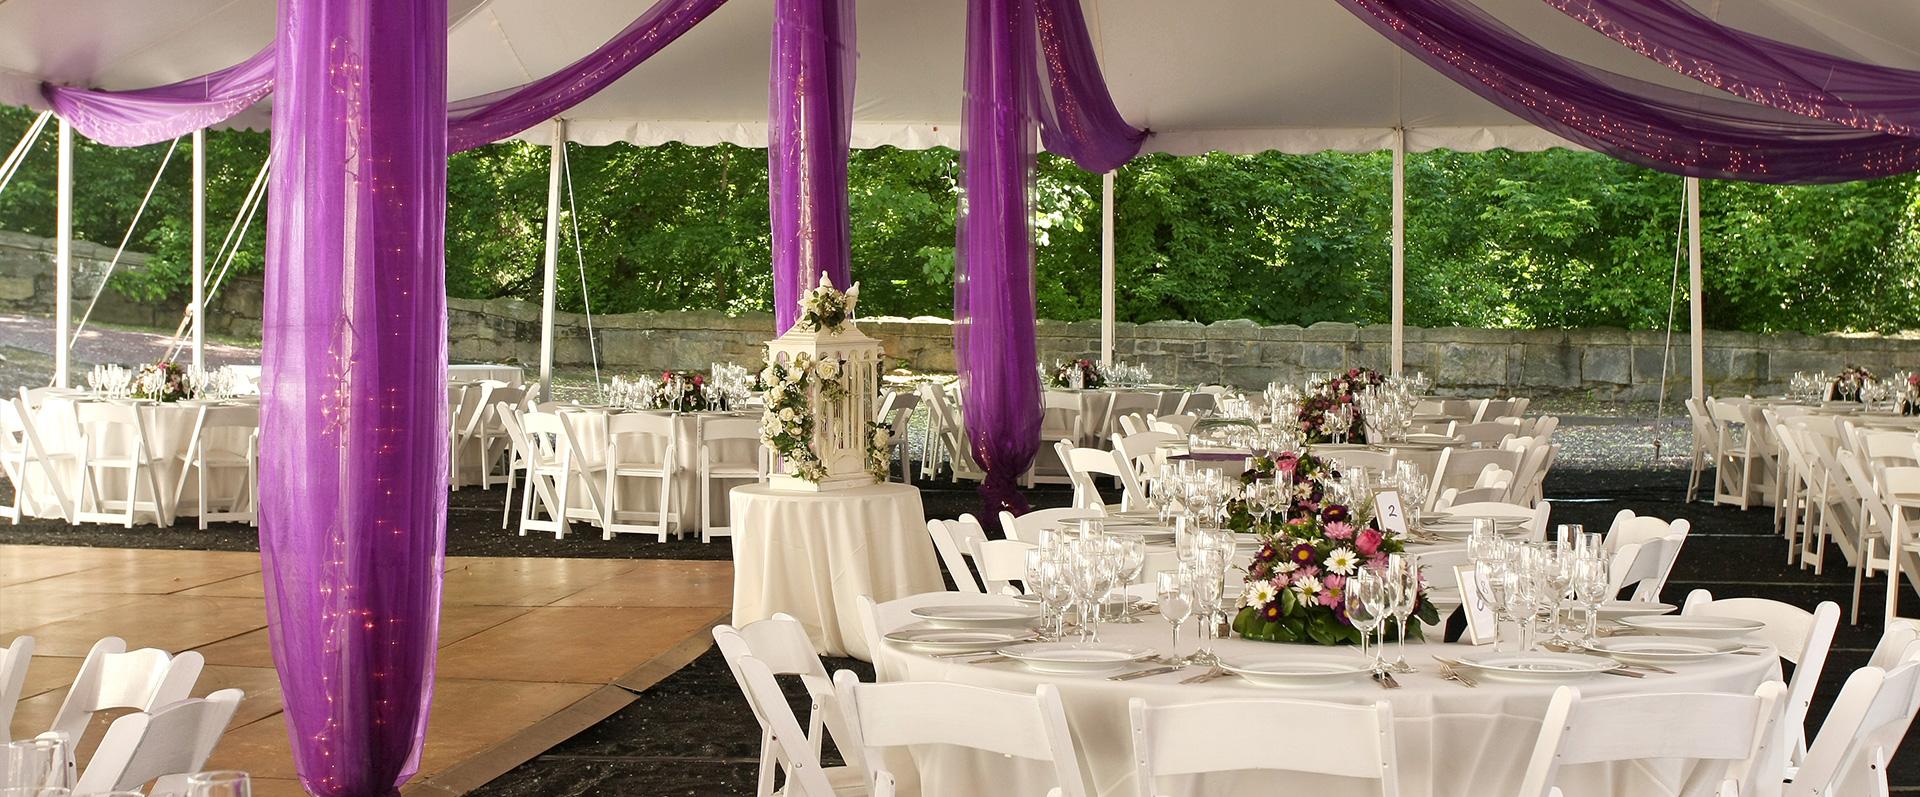 bakospartyrentals wedding tent rentals Party Tent Rental